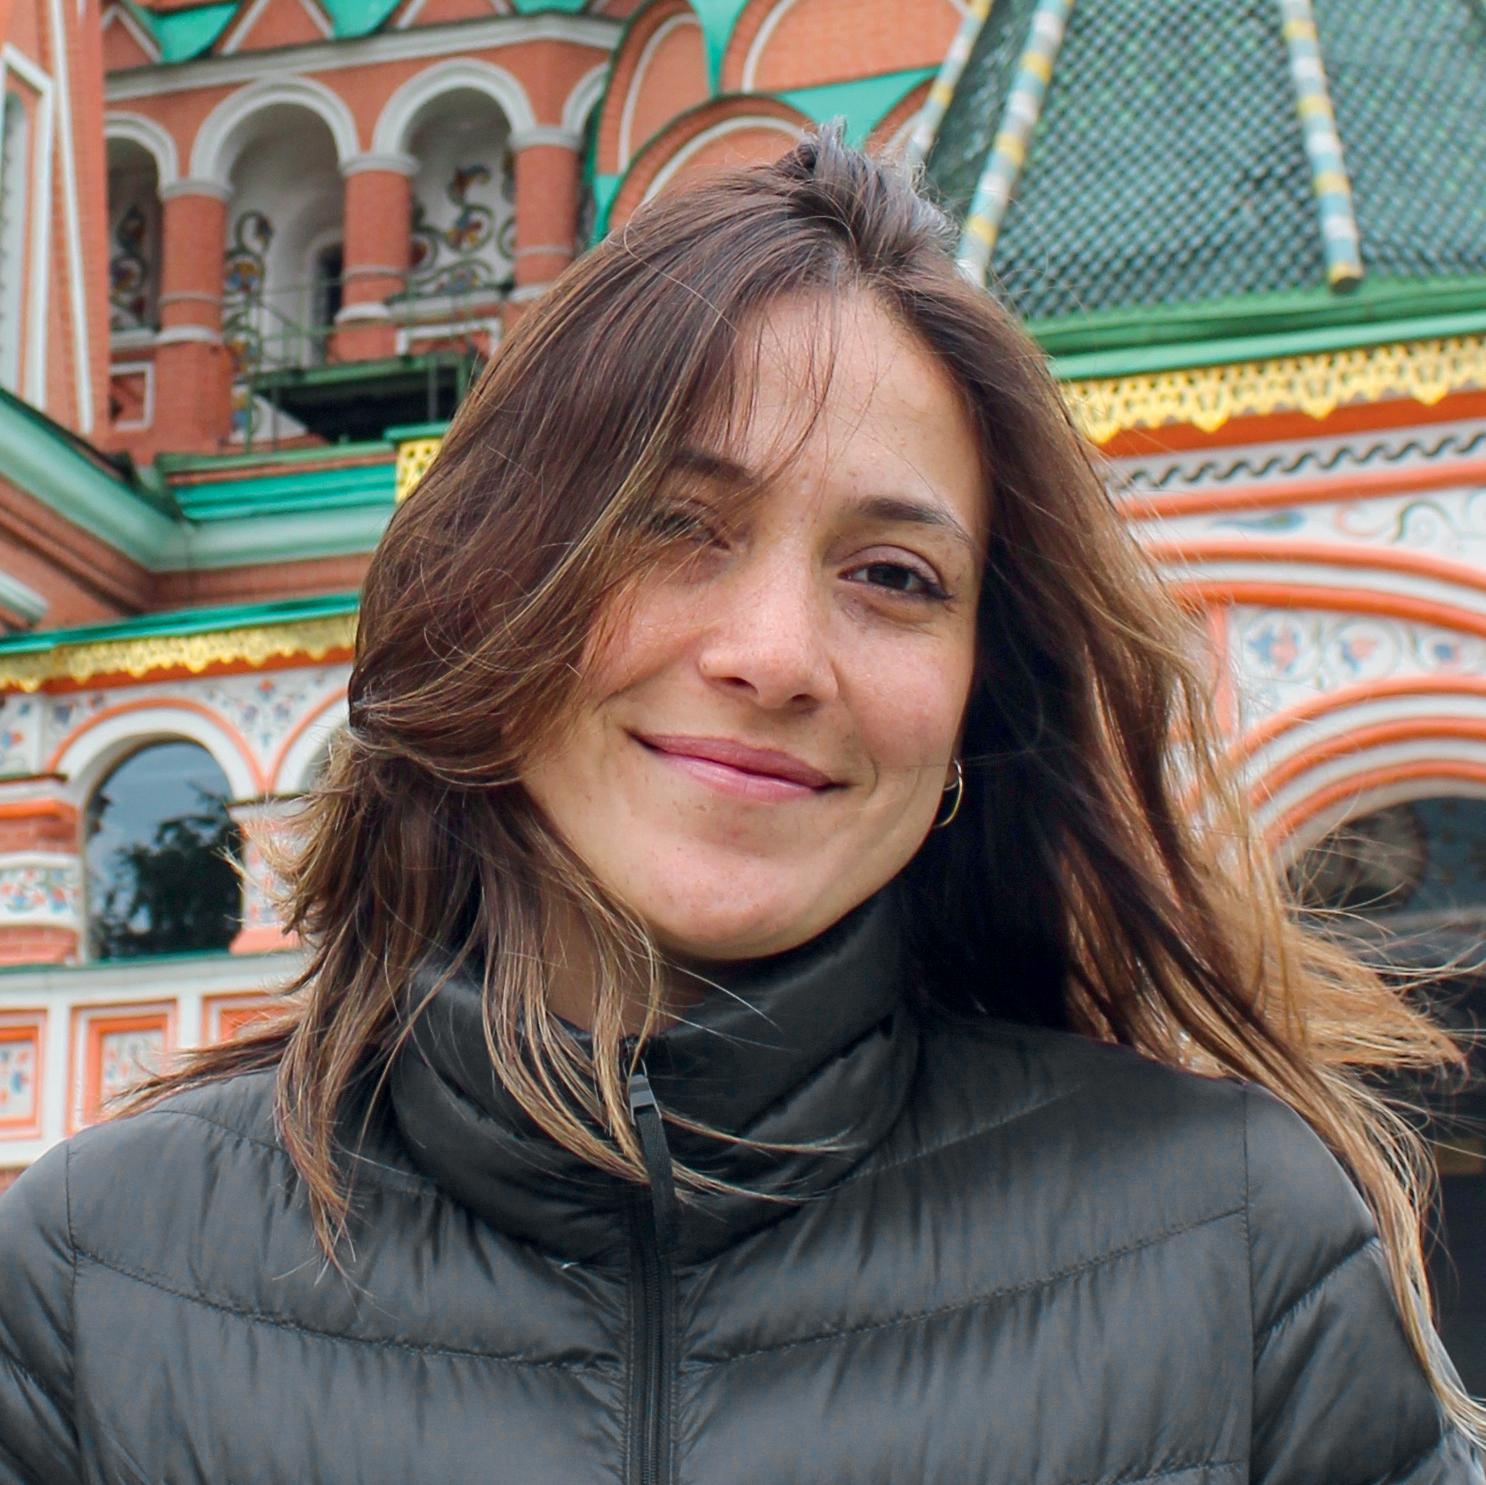 Luciana Araújo está com saudade do bolinho de chuva da vó Zu (foto: arquivo pessoal)